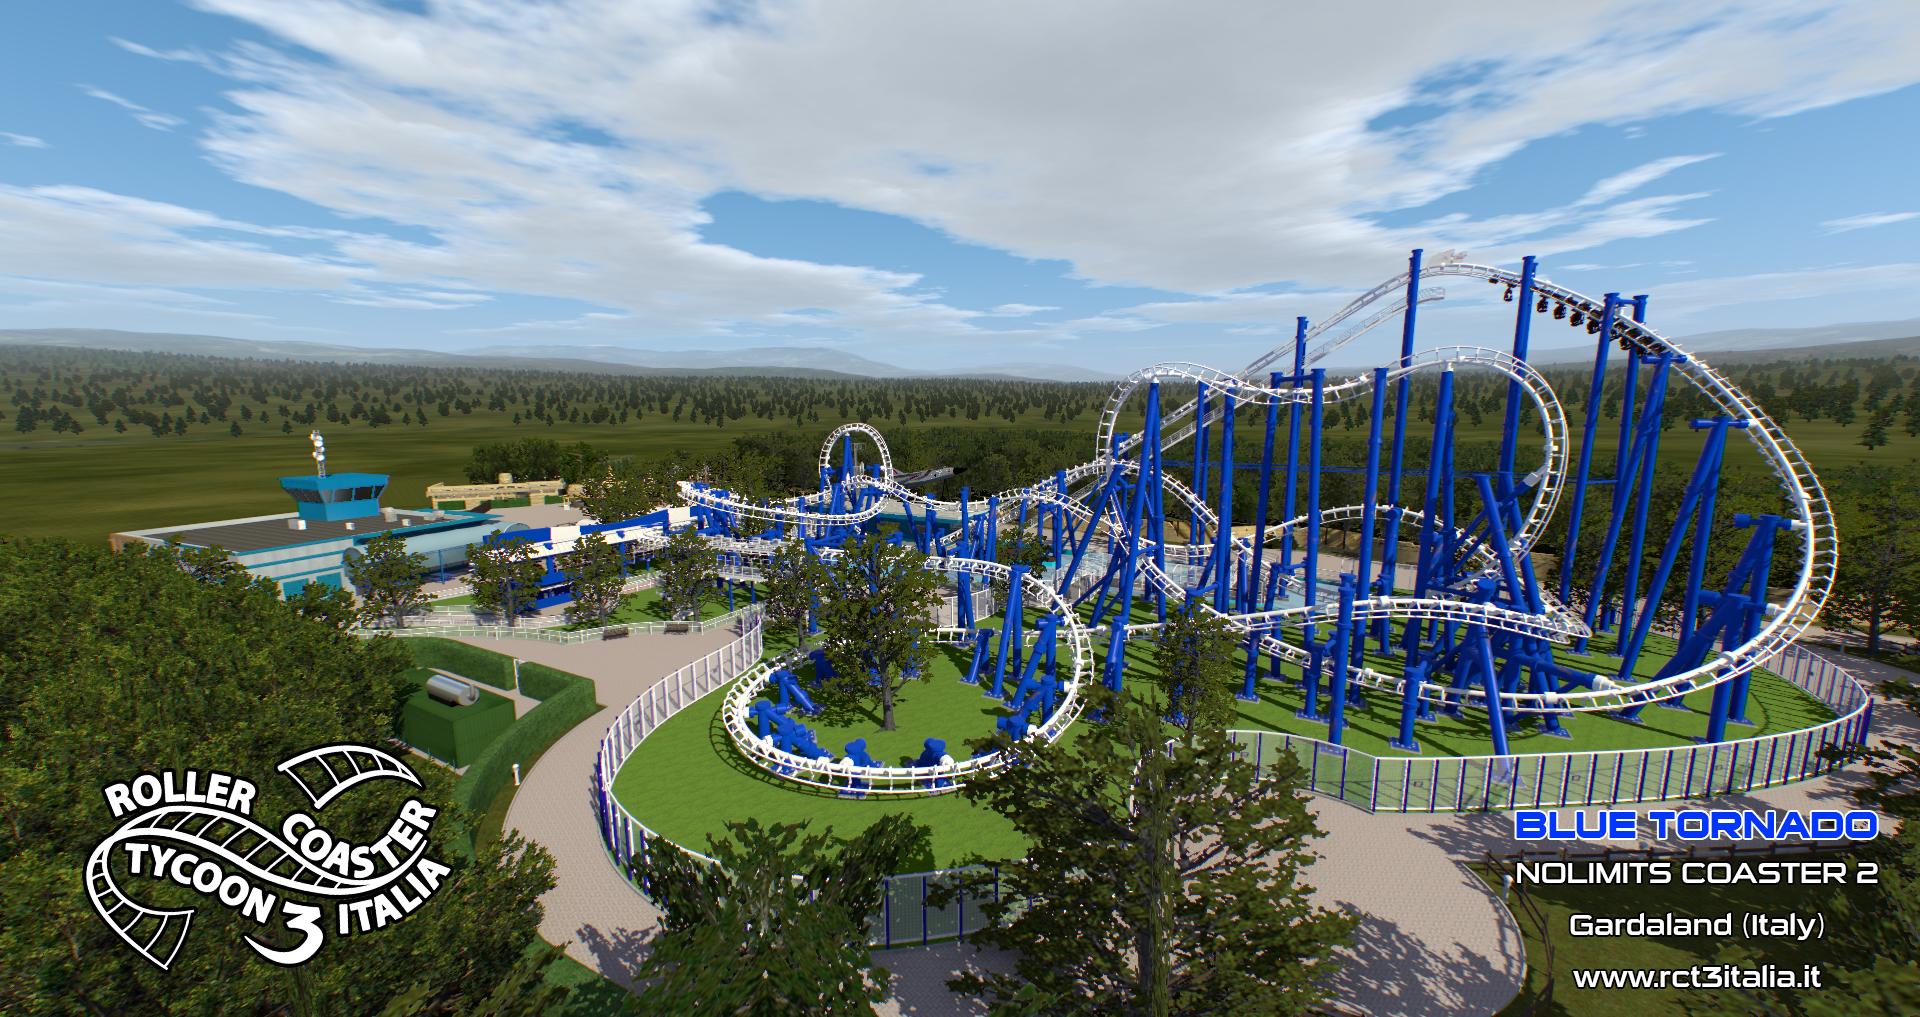 Gardaland Blue Tornado Simulatore Simulator Nolimits2 RCT3 Italia